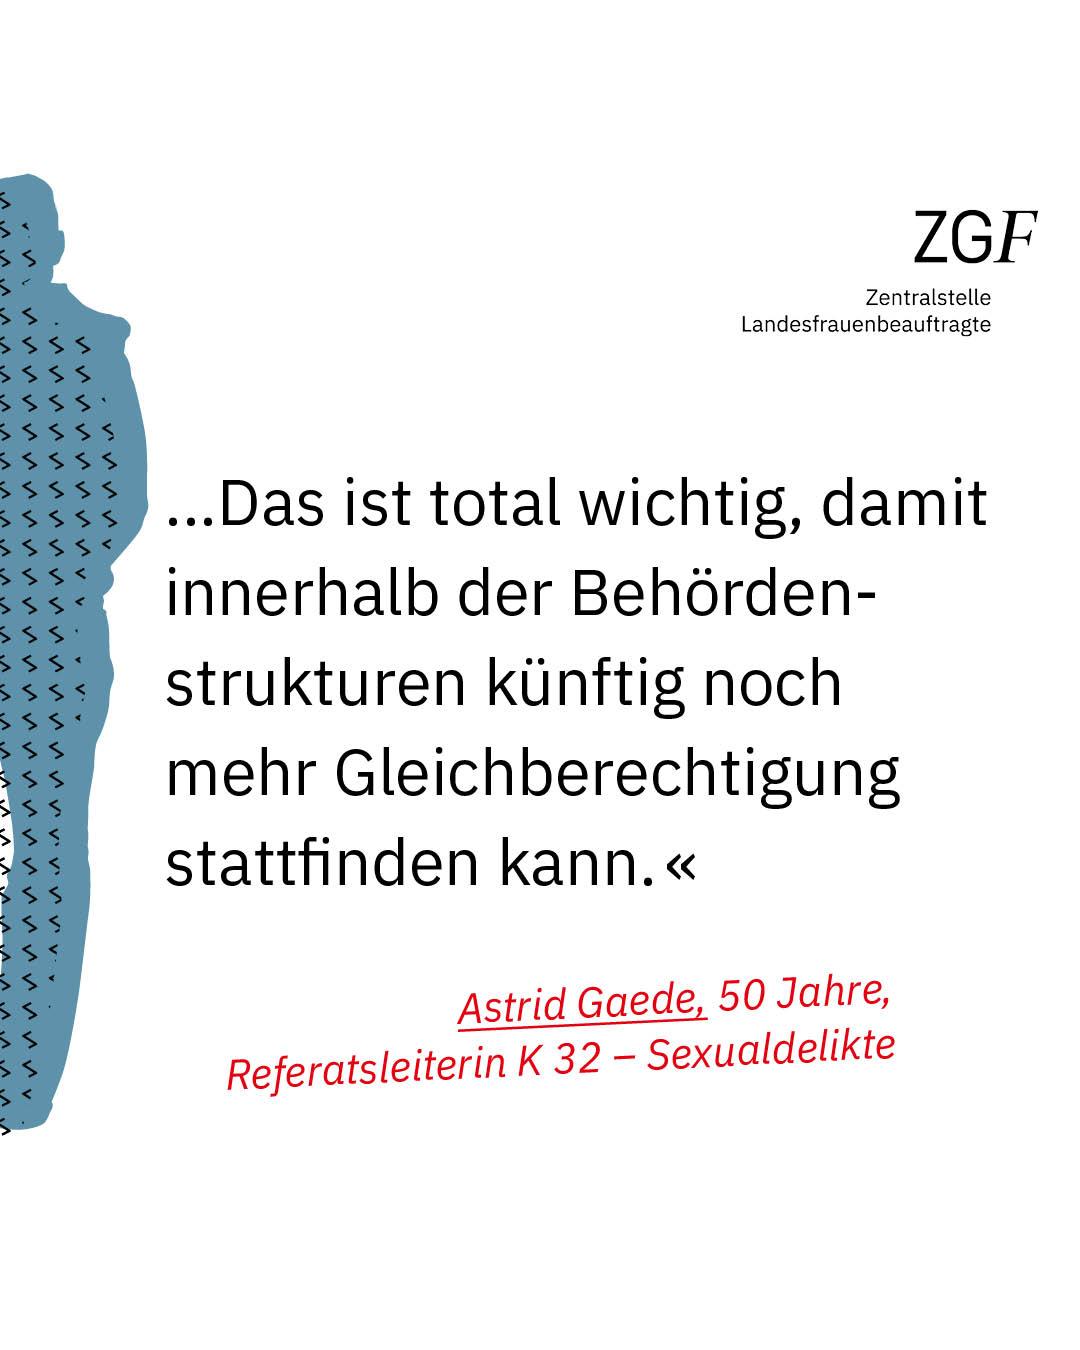 Statement 40 Jahre Gleichberechtigung, Astrid Gaede, Referatsleiterin K32